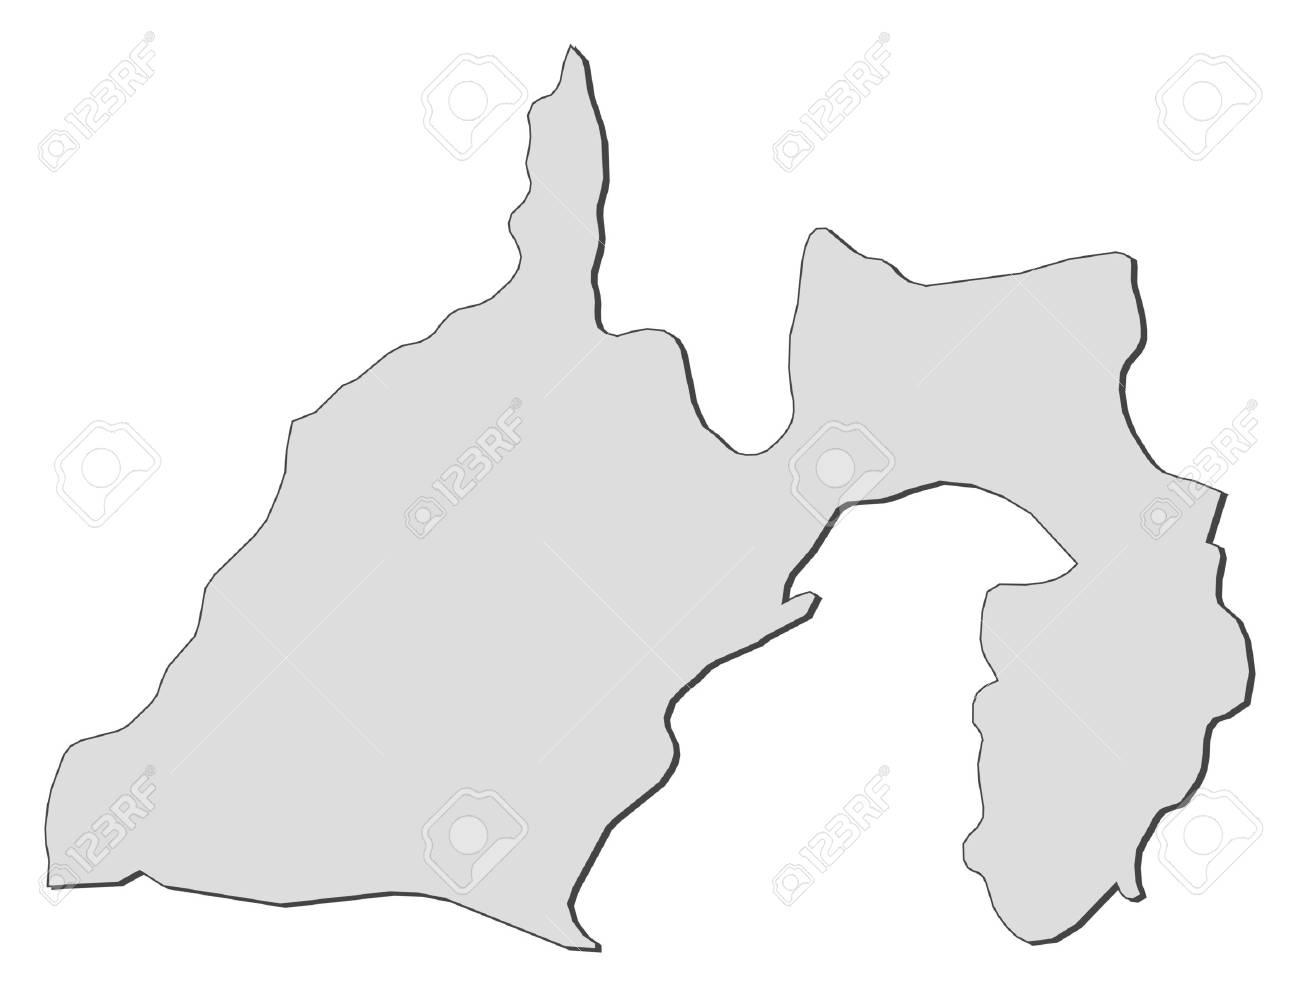 県 地図 静岡